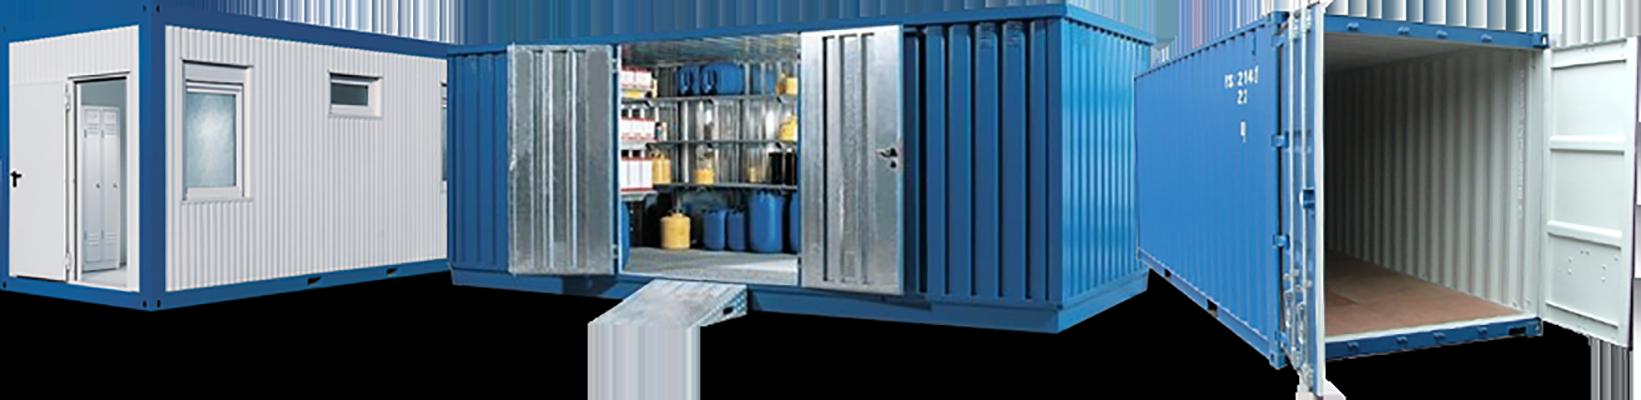 Locação de Container em Curitiba, São Paulo e Porto Alegre